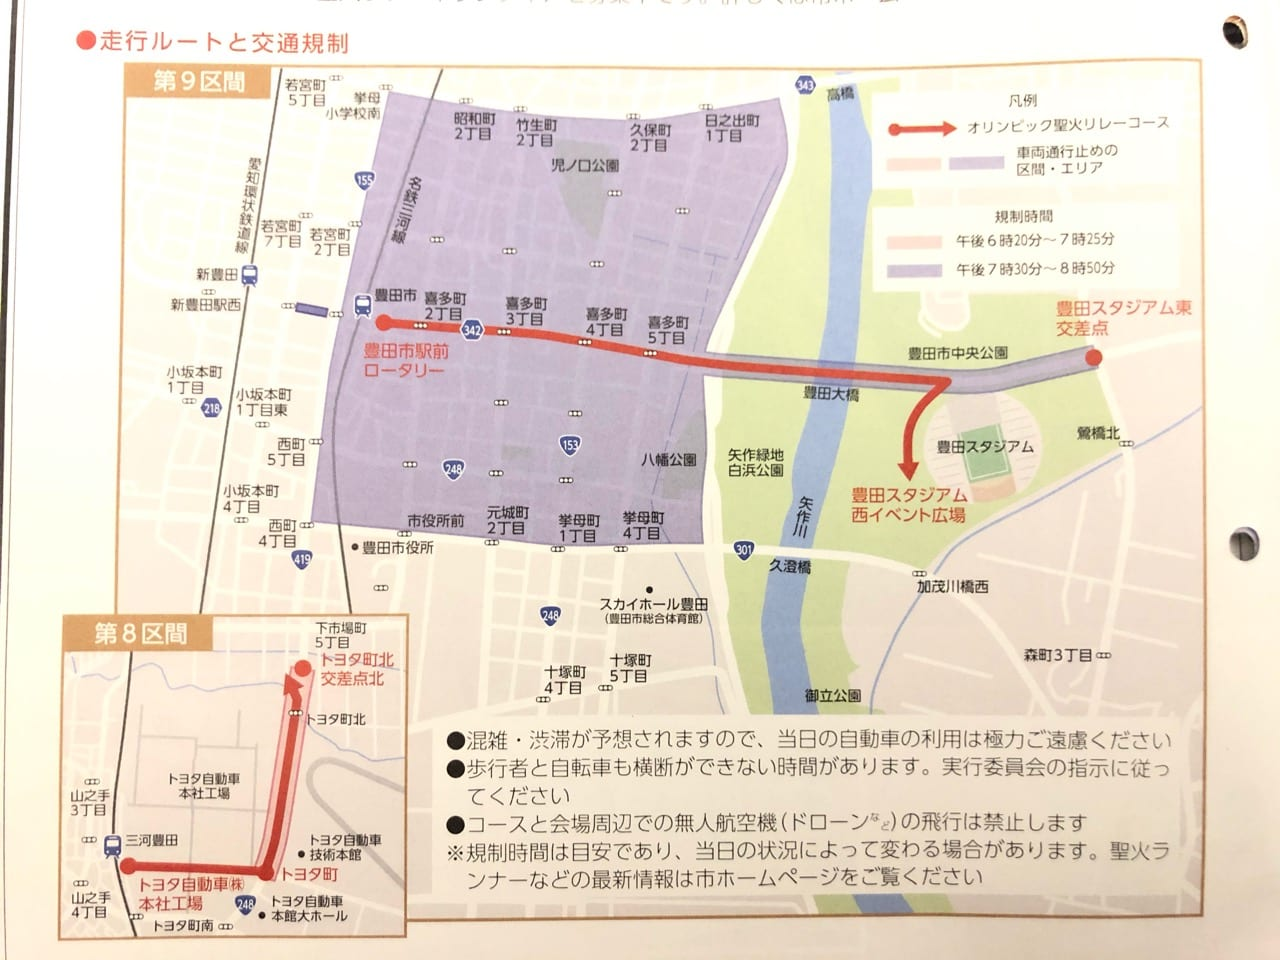 東京2020オリンピック 豊田市の聖火リレールート